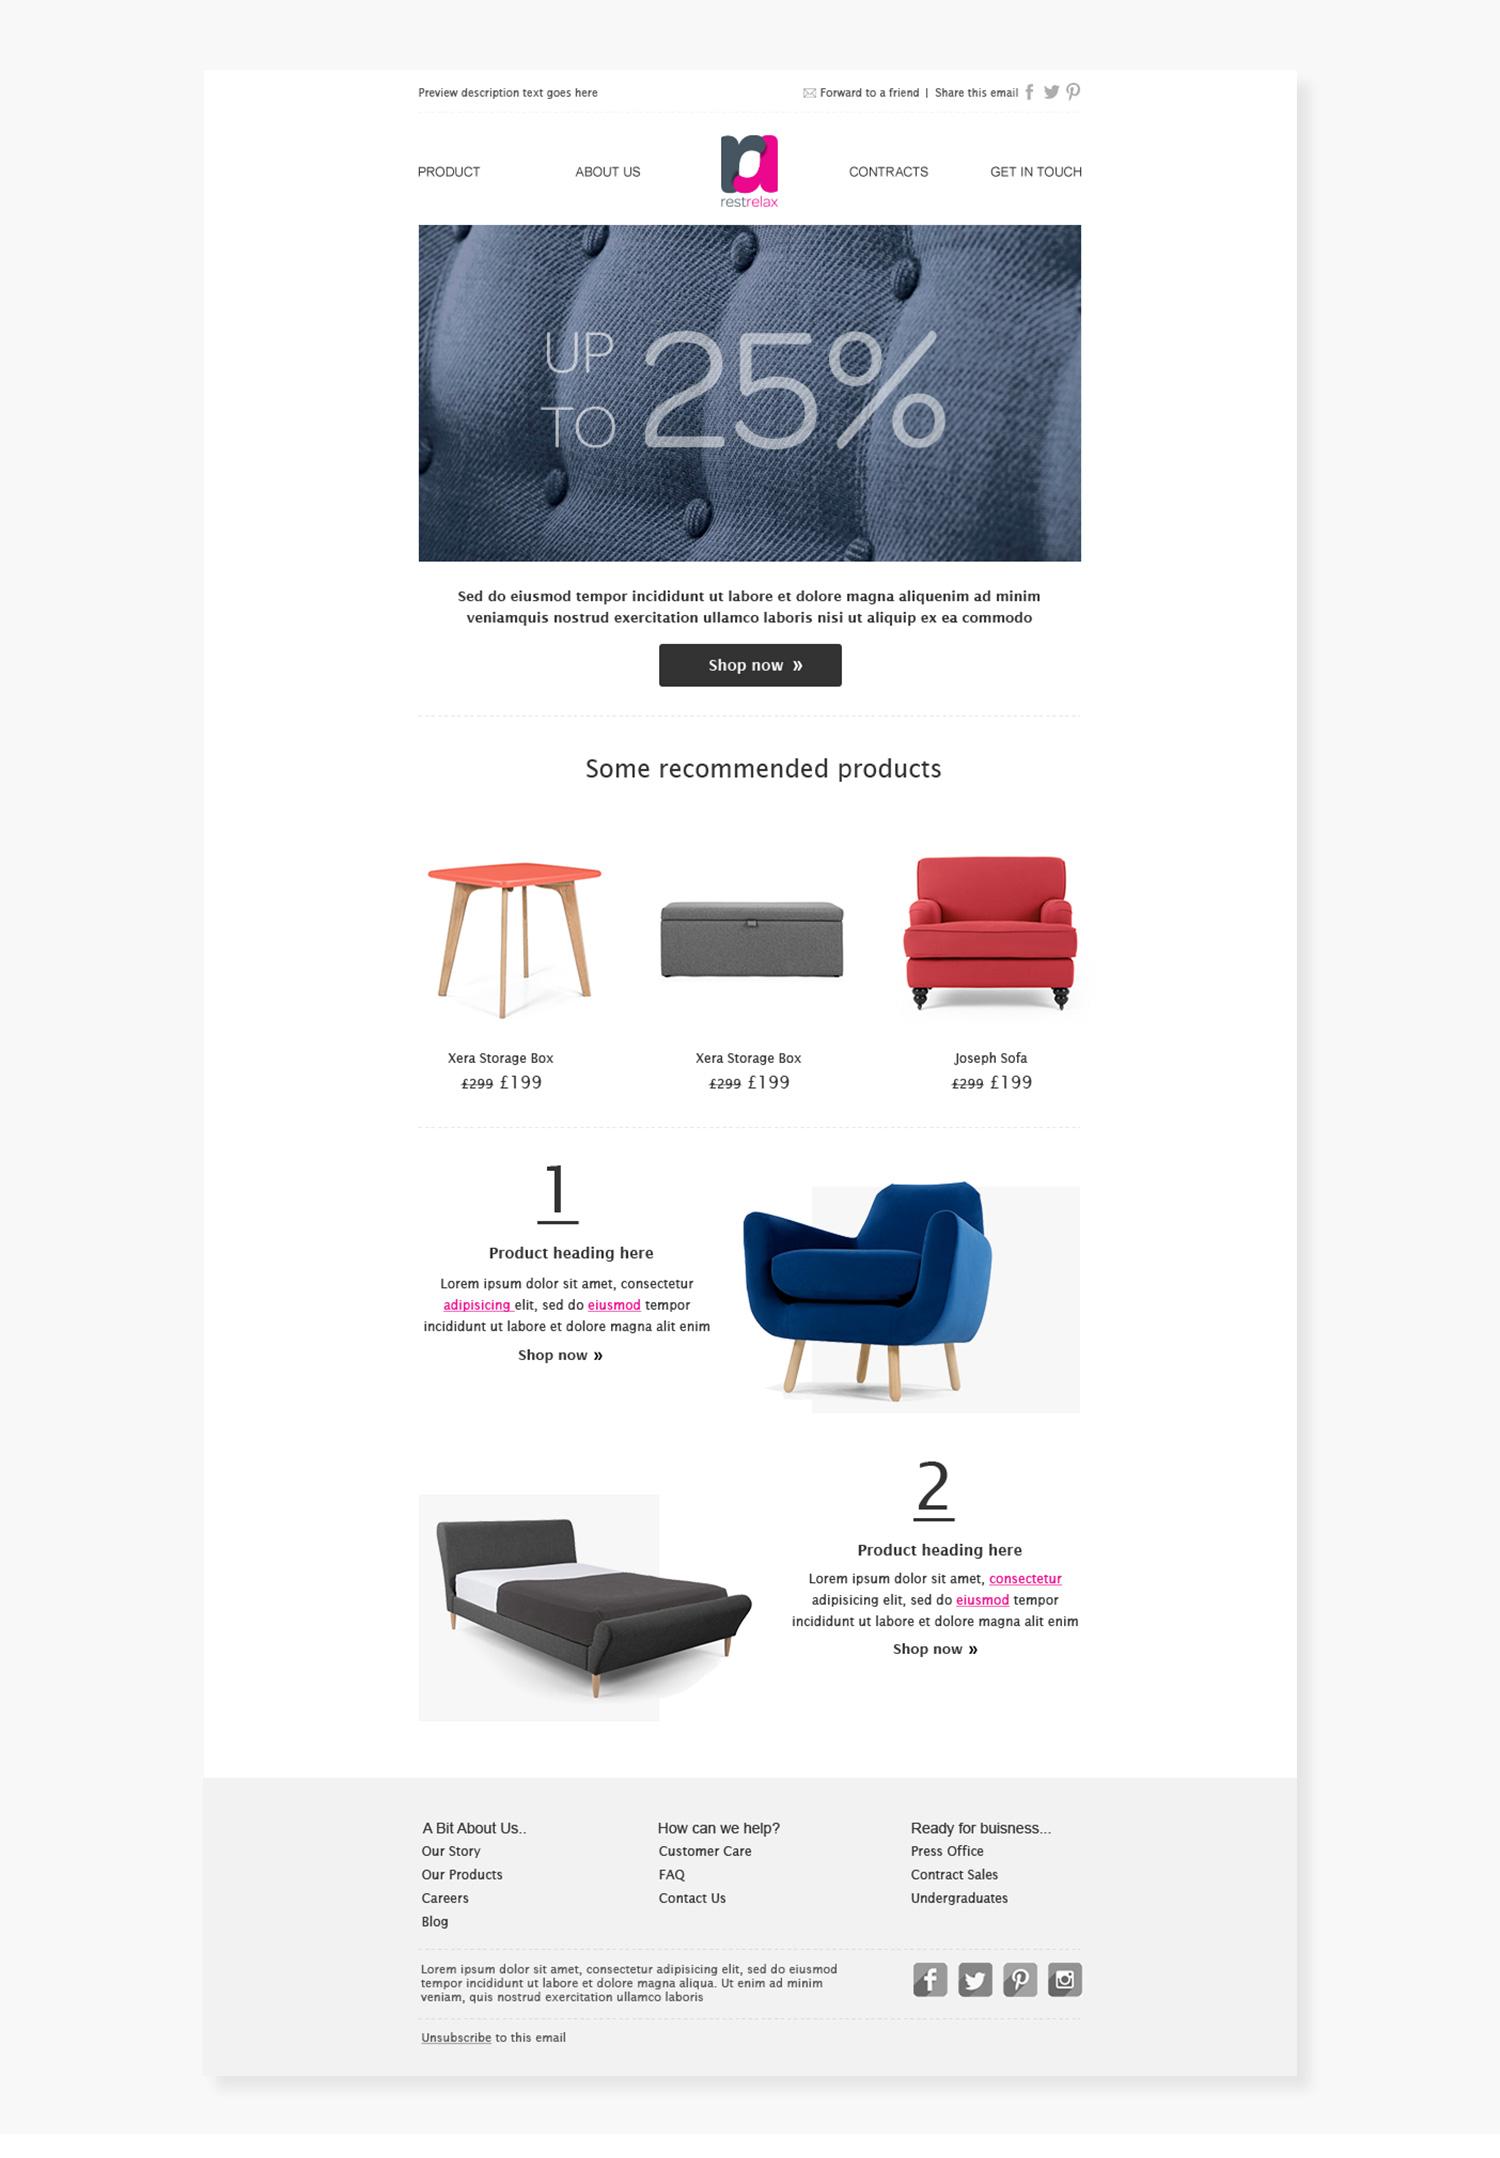 Restrelax Email Design | Joao Ferreira Freelance Designer